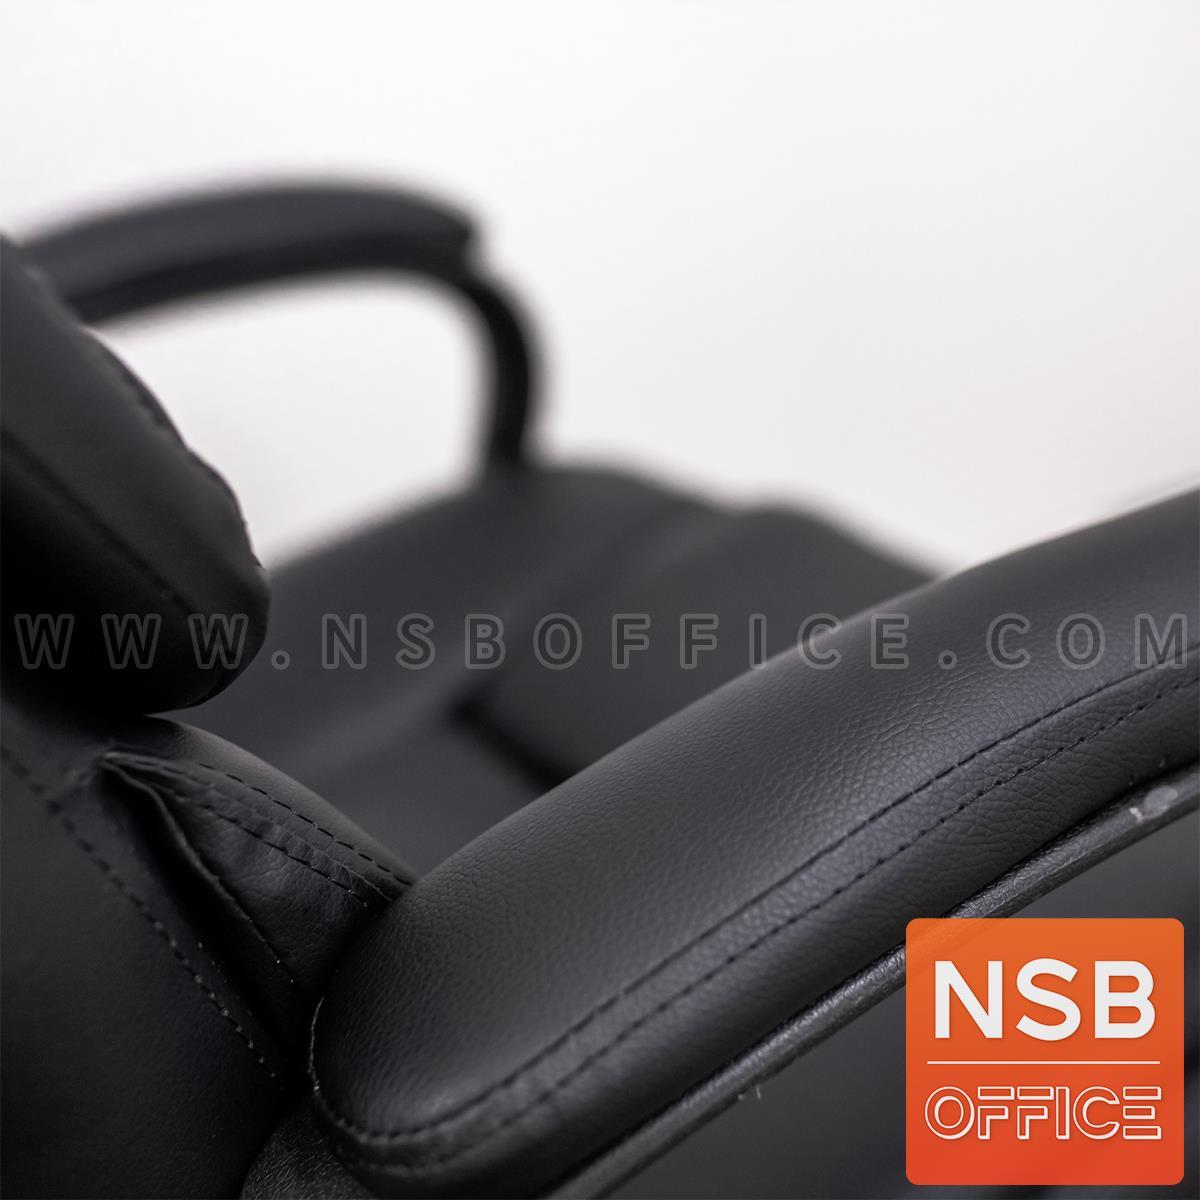 เก้าอี้ผู้บริหาร รุ่น Cornell (ตอร์เนลล์)  โช๊คแก๊ส มีก้อนโยก ขาอลูมิเนียมสีดำ